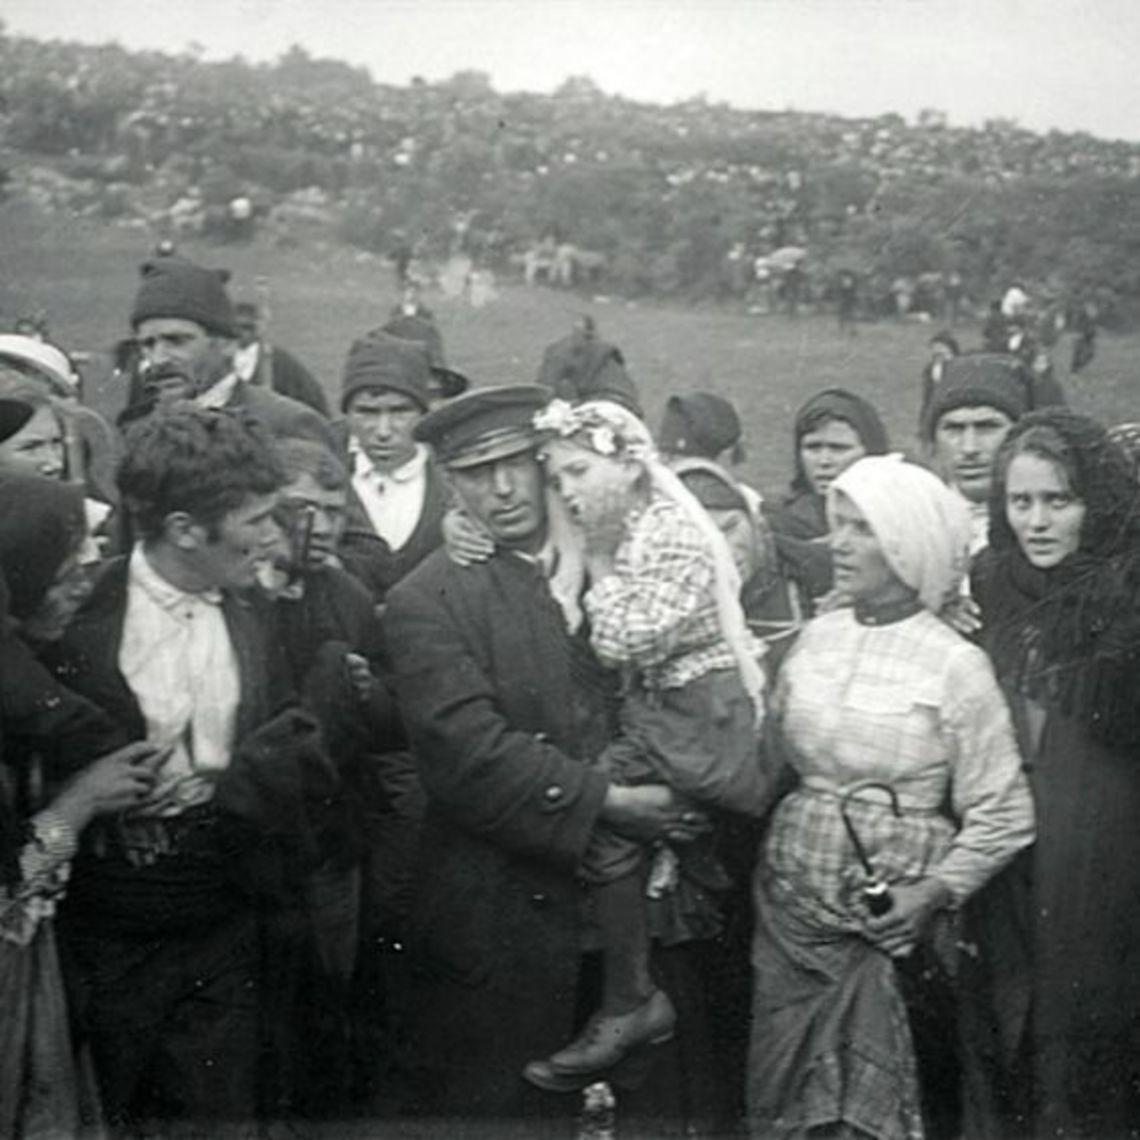 Jacinta Marto sendo carregada em meio à multidão depois de uma aparição de Nossa Senhora. Fátima, 1917.